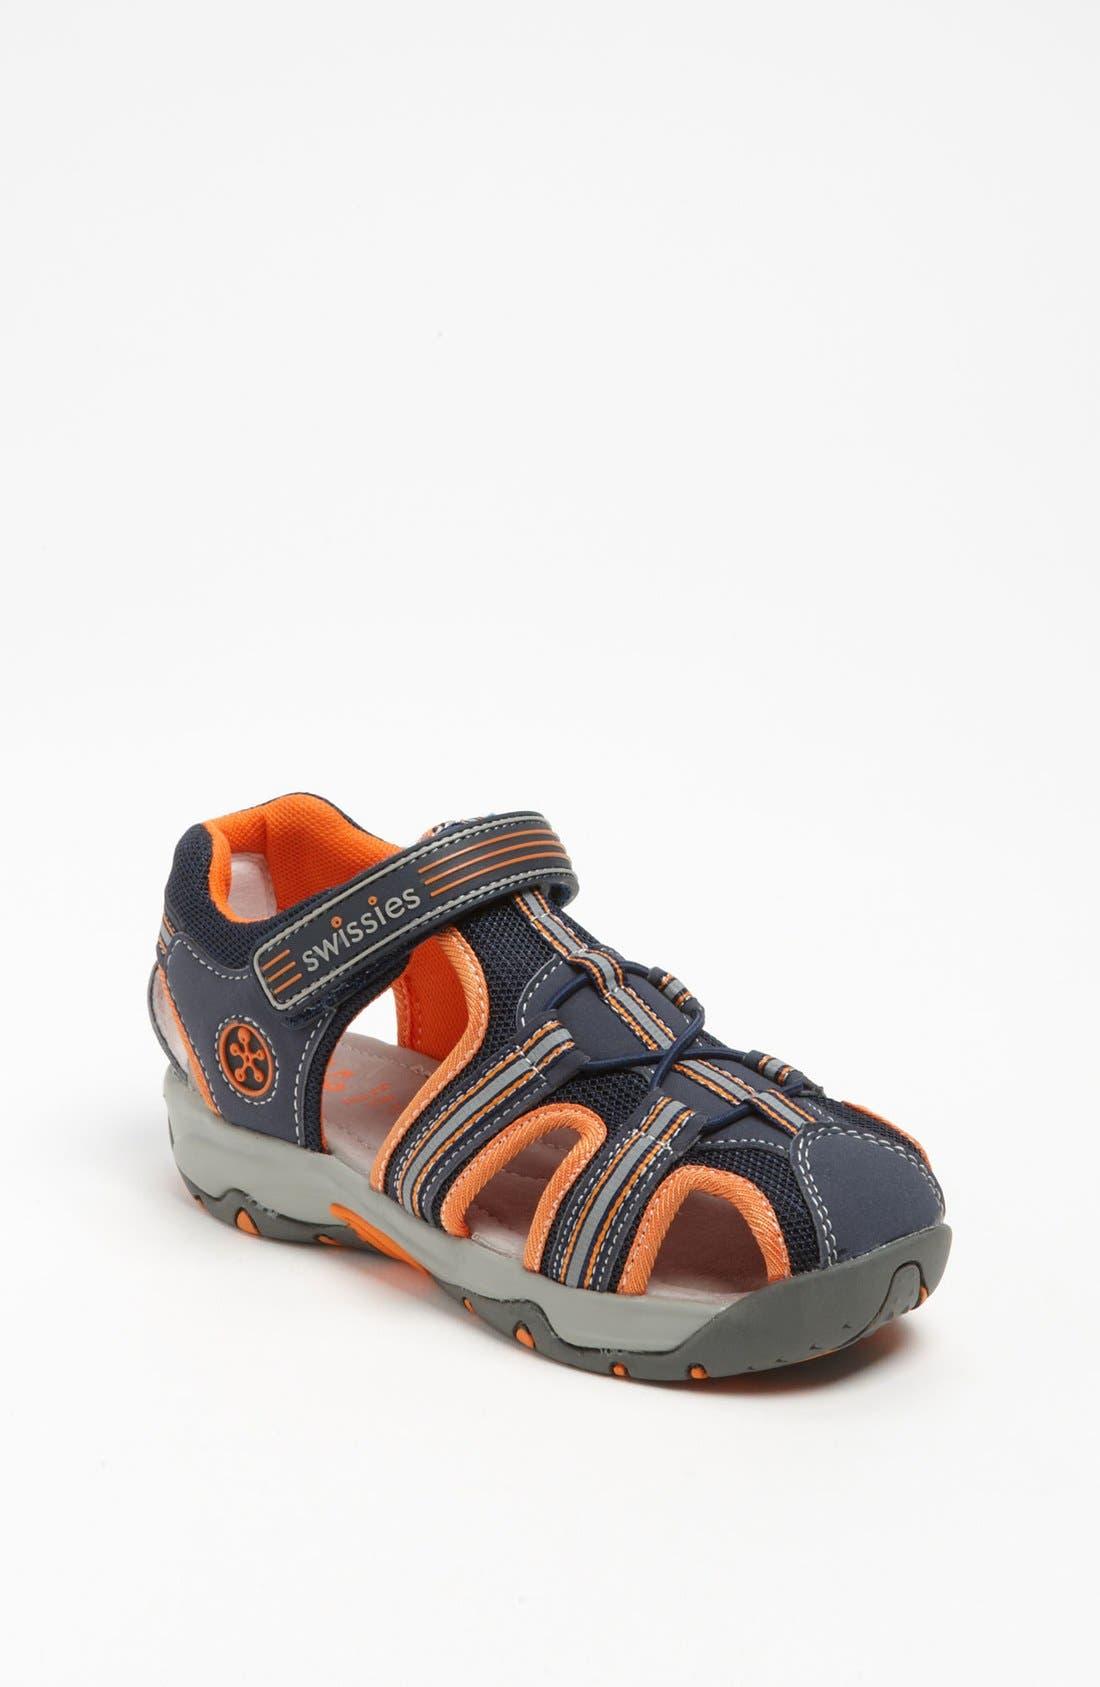 Alternate Image 1 Selected - Swissies 'Rival' Sandal (Toddler & Little Kid)